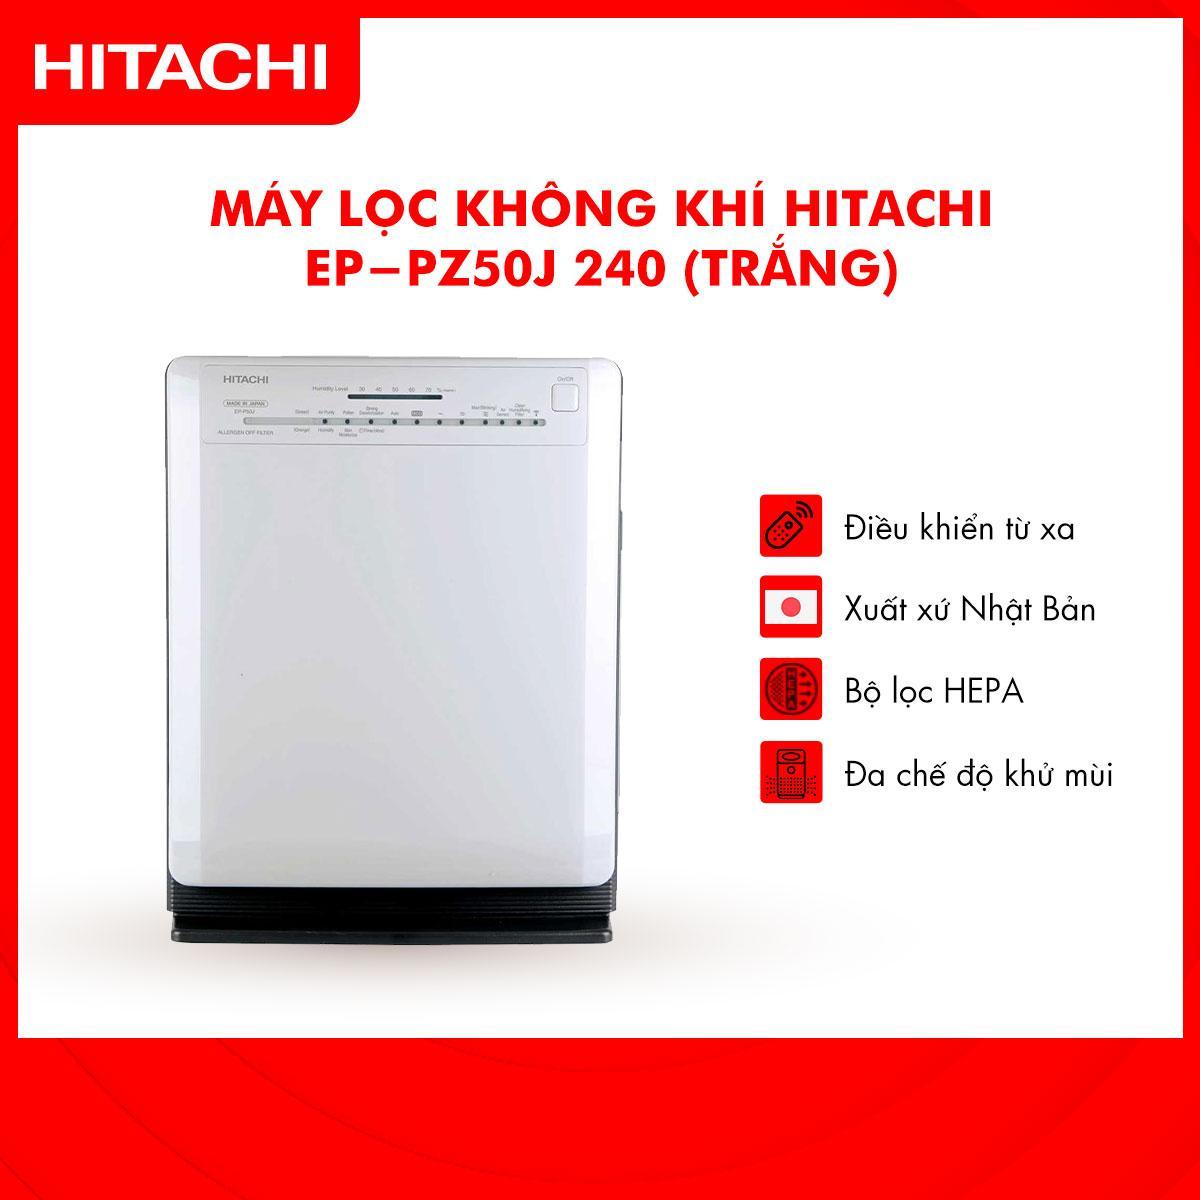 Bảng giá Máy lọc không khí Hitachi Ep-PZ50J 240 (Trắng) - Hàng Phân Phối Chính Hãng, Phù hợp với diện tích 33m2